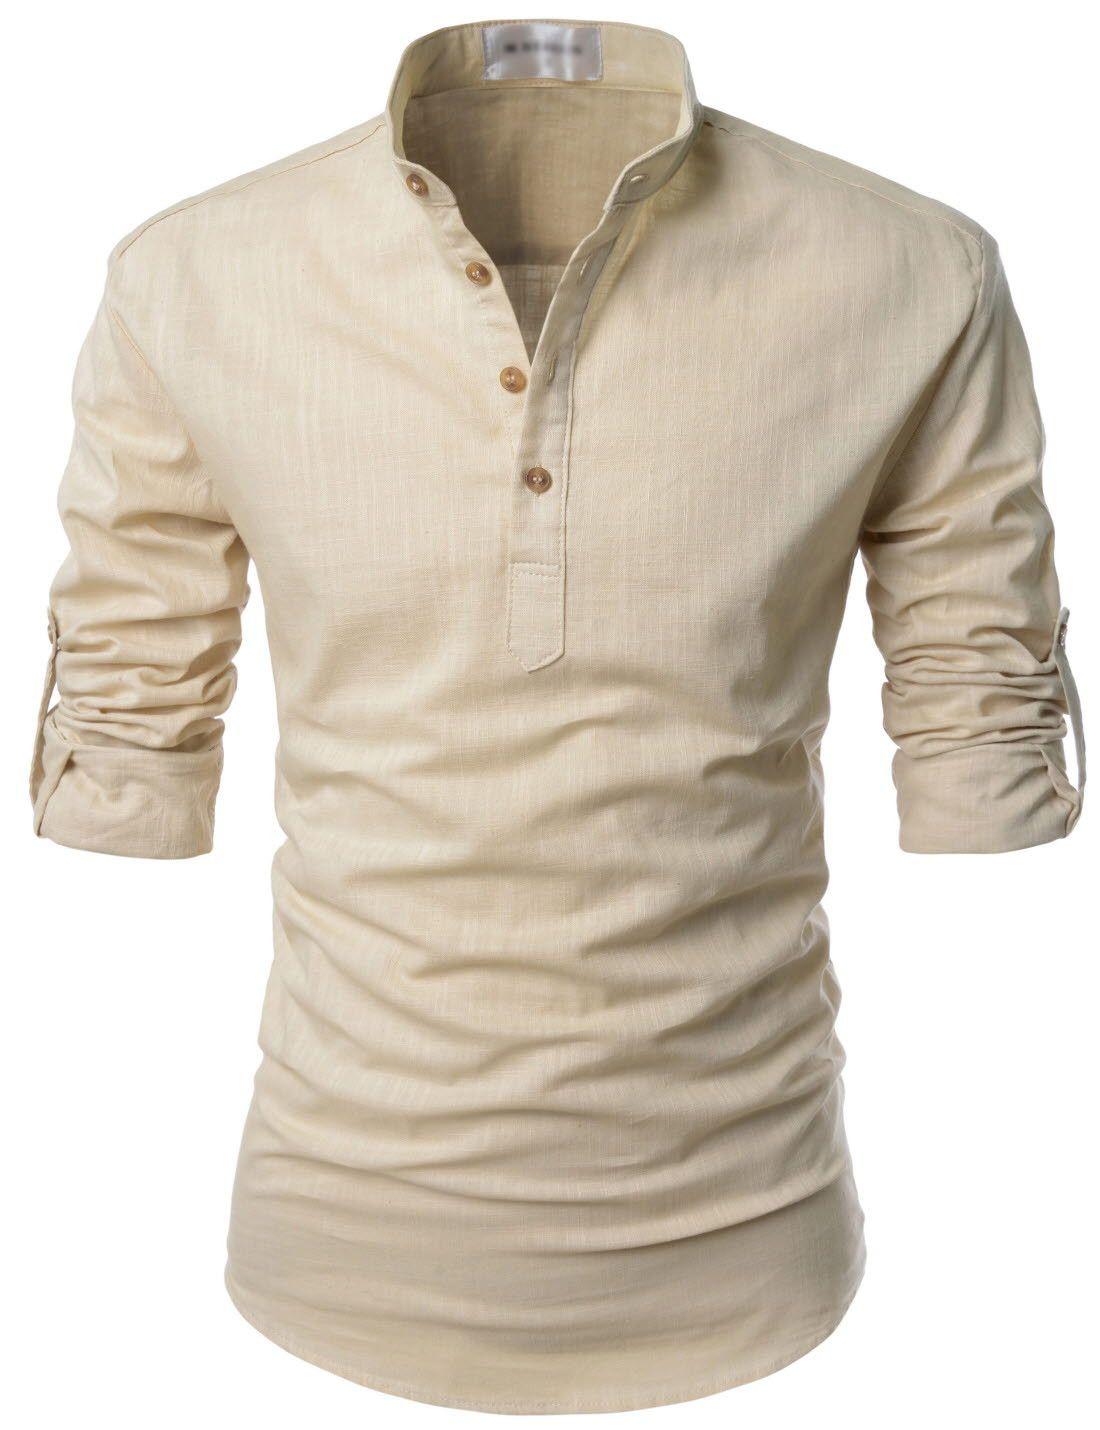 b9dc681405 Bali Roll-up Linen Shirt. Bali Roll-up Linen Shirt Mens Linen Shirts